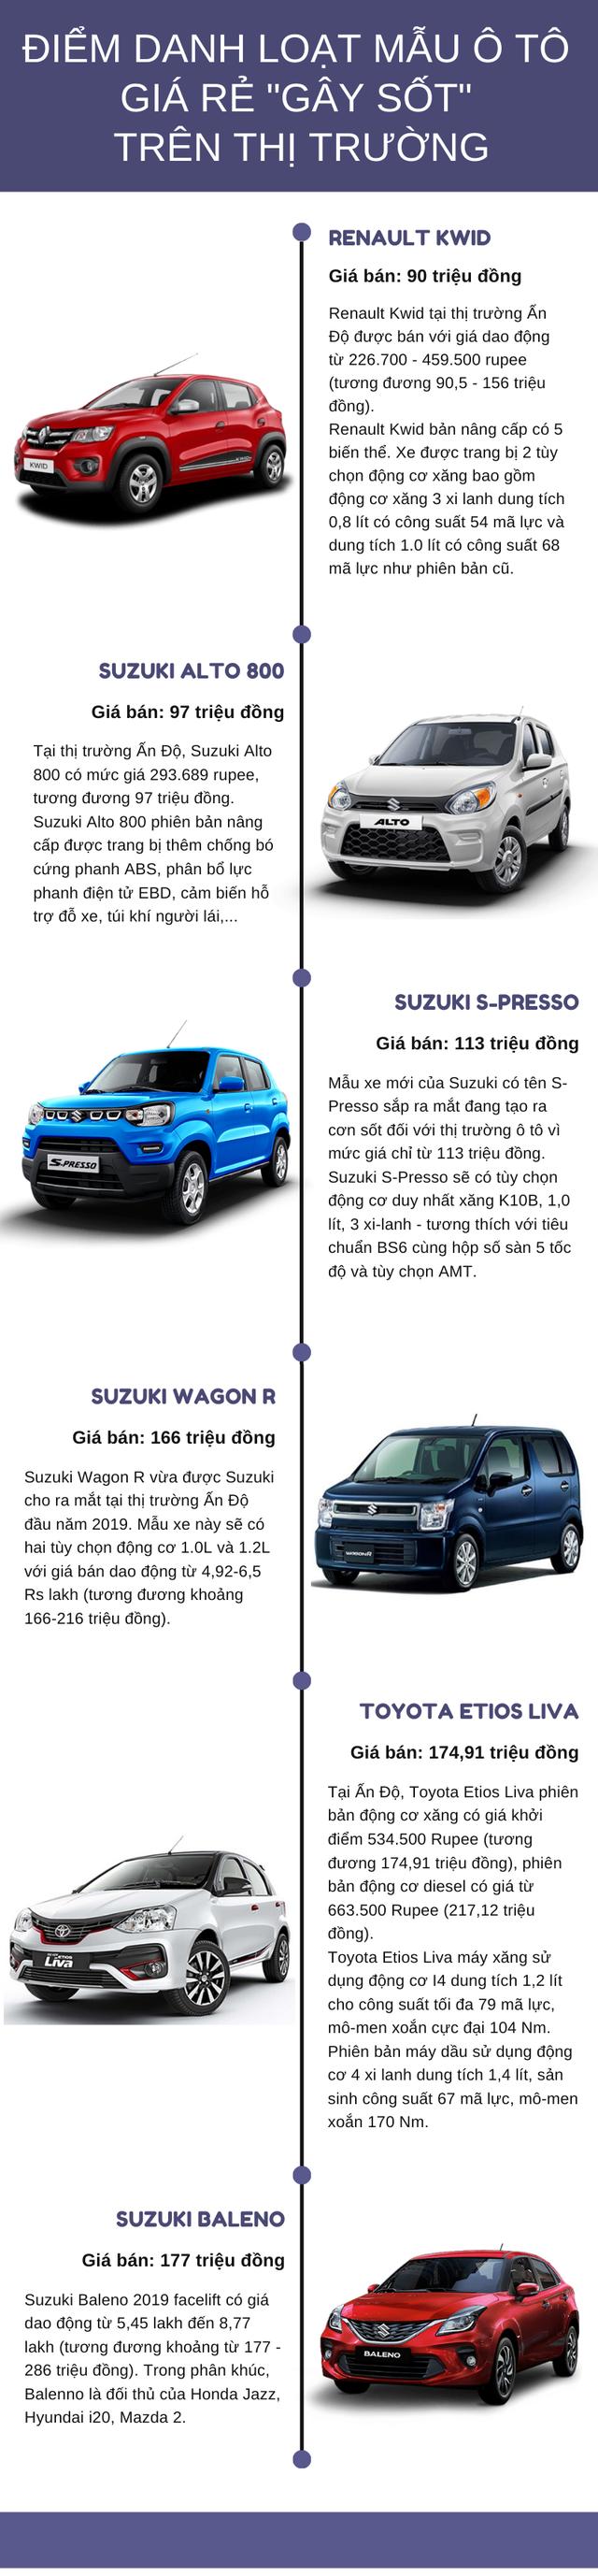 Loạt ô tô giá siêu rẻ chỉ từ 90 triệu đồng không thể bỏ qua, phần lớn đến từ Suzuki - Ảnh 1.